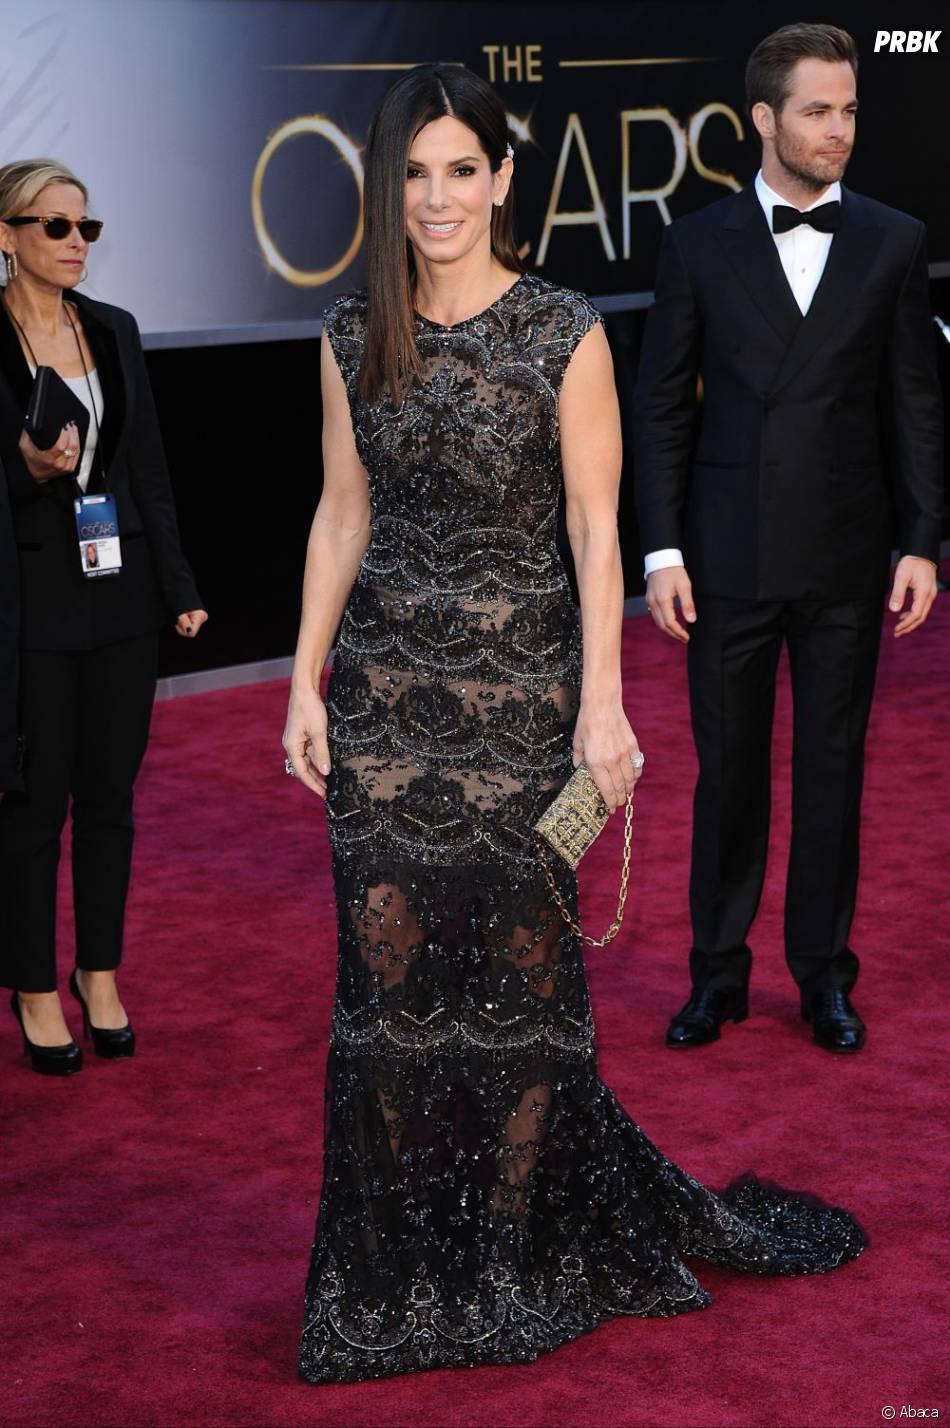 Sandra Bullock a piqué la robe de Kate Winslet dans Titanic pour les Oscars 2013, non ?